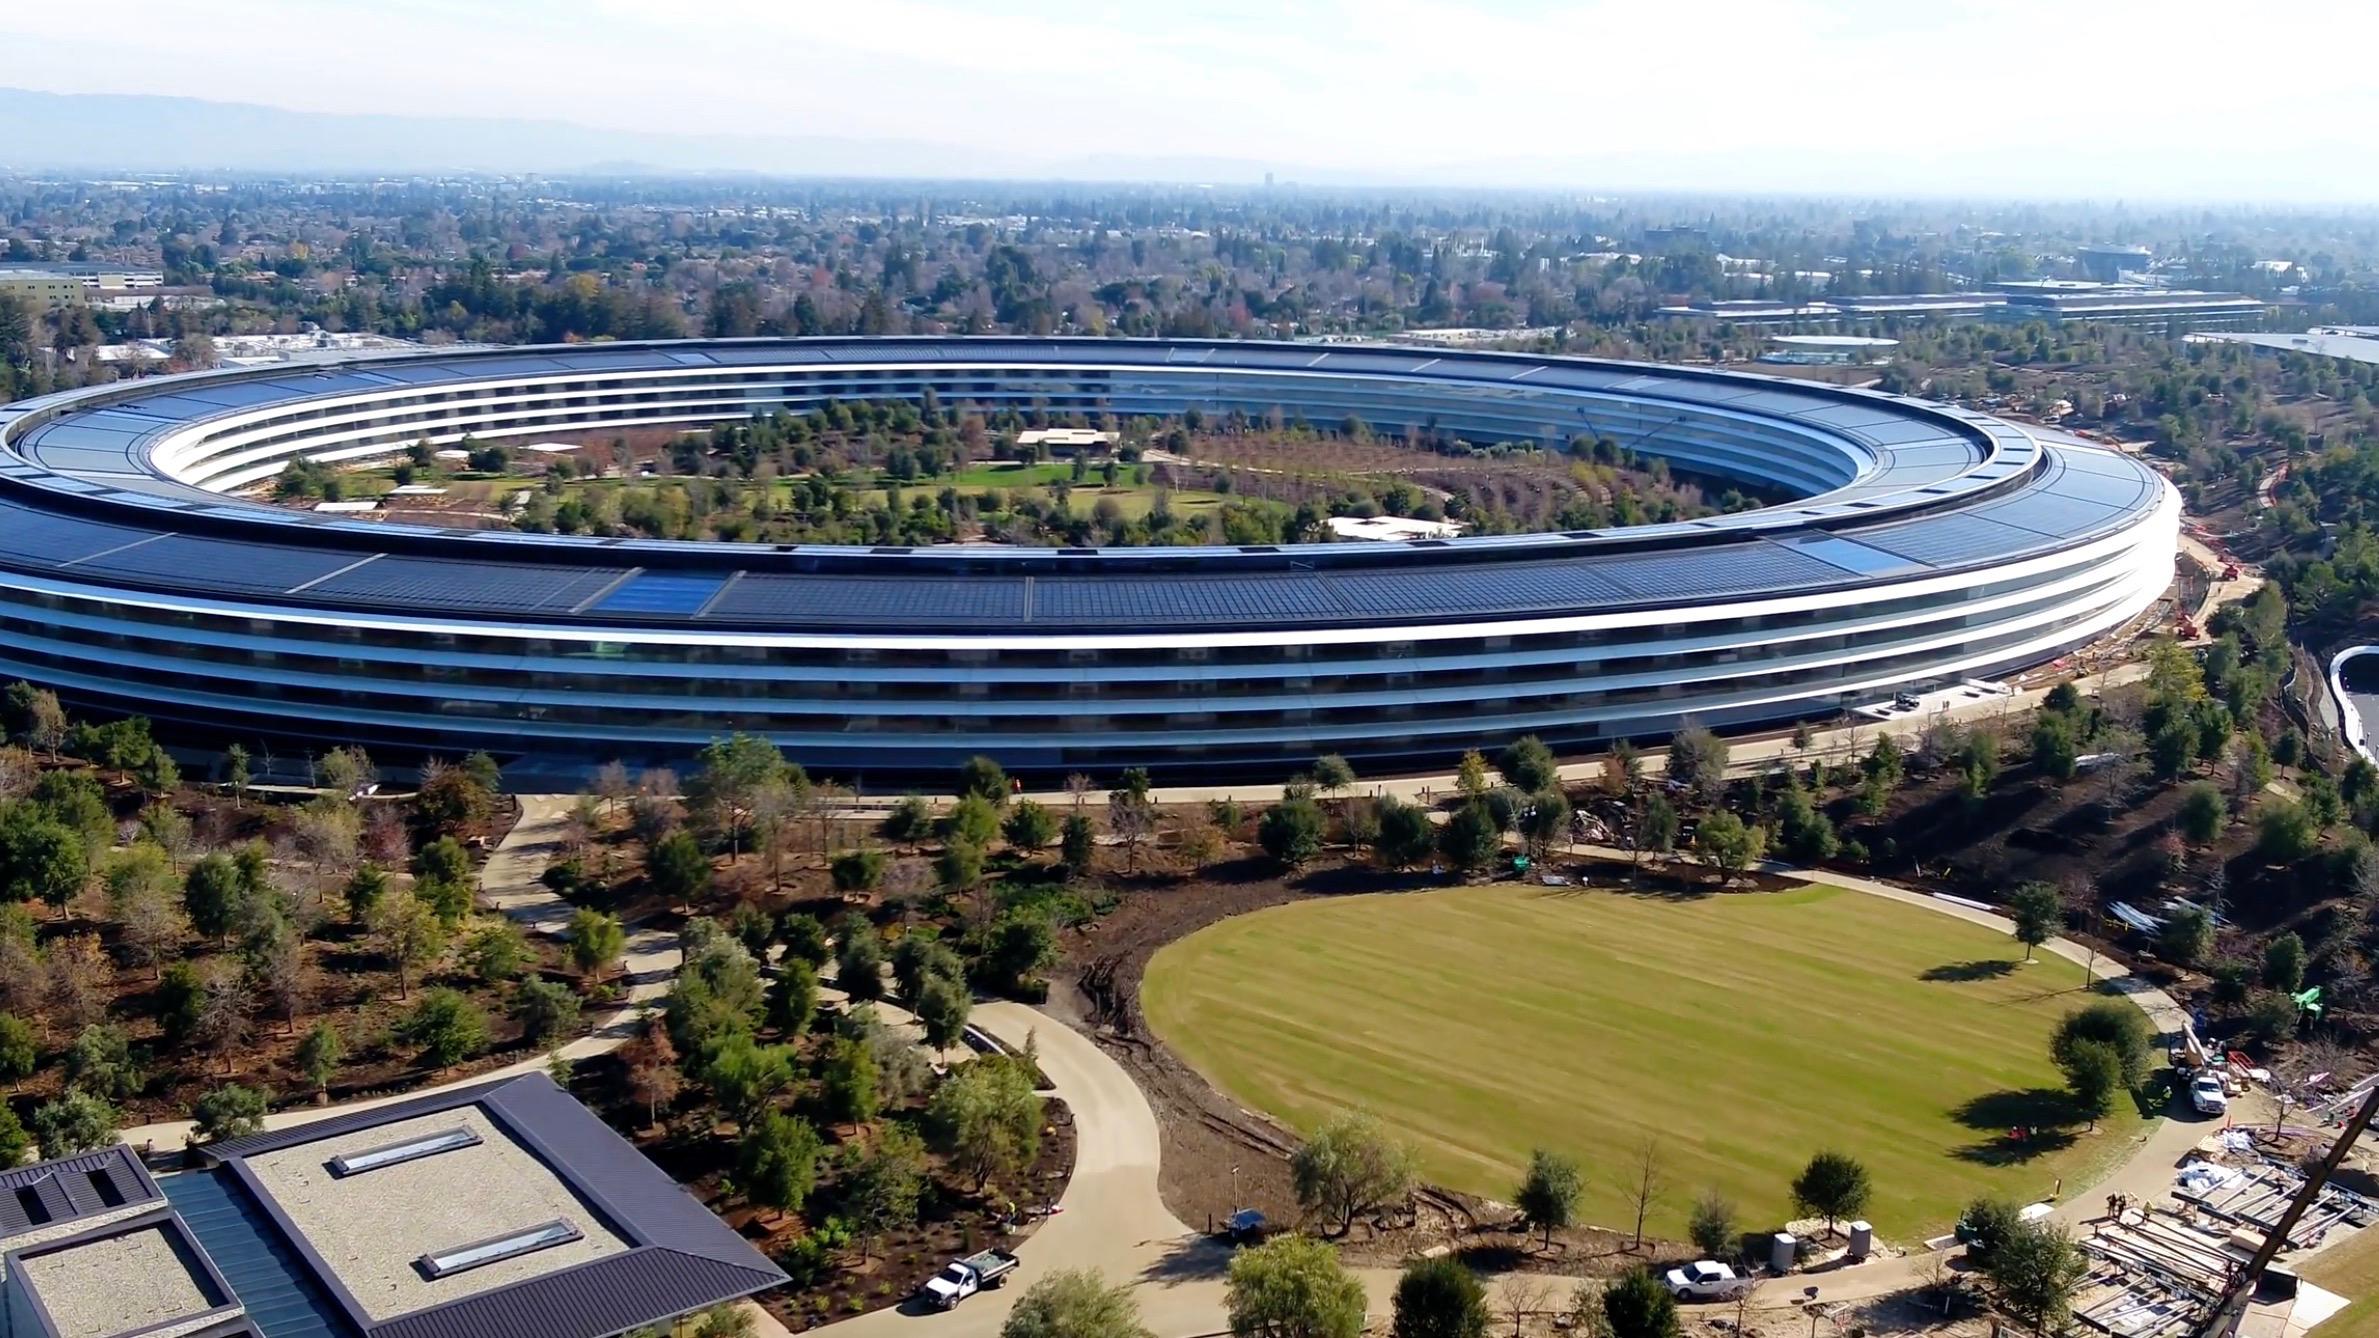 Sforum - Trang thông tin công nghệ mới nhất apple-park Apple Park là một trong những toà nhà đắt giá nhất thế giới khi đạt trị giá lên tới 4.17 tỷ đô